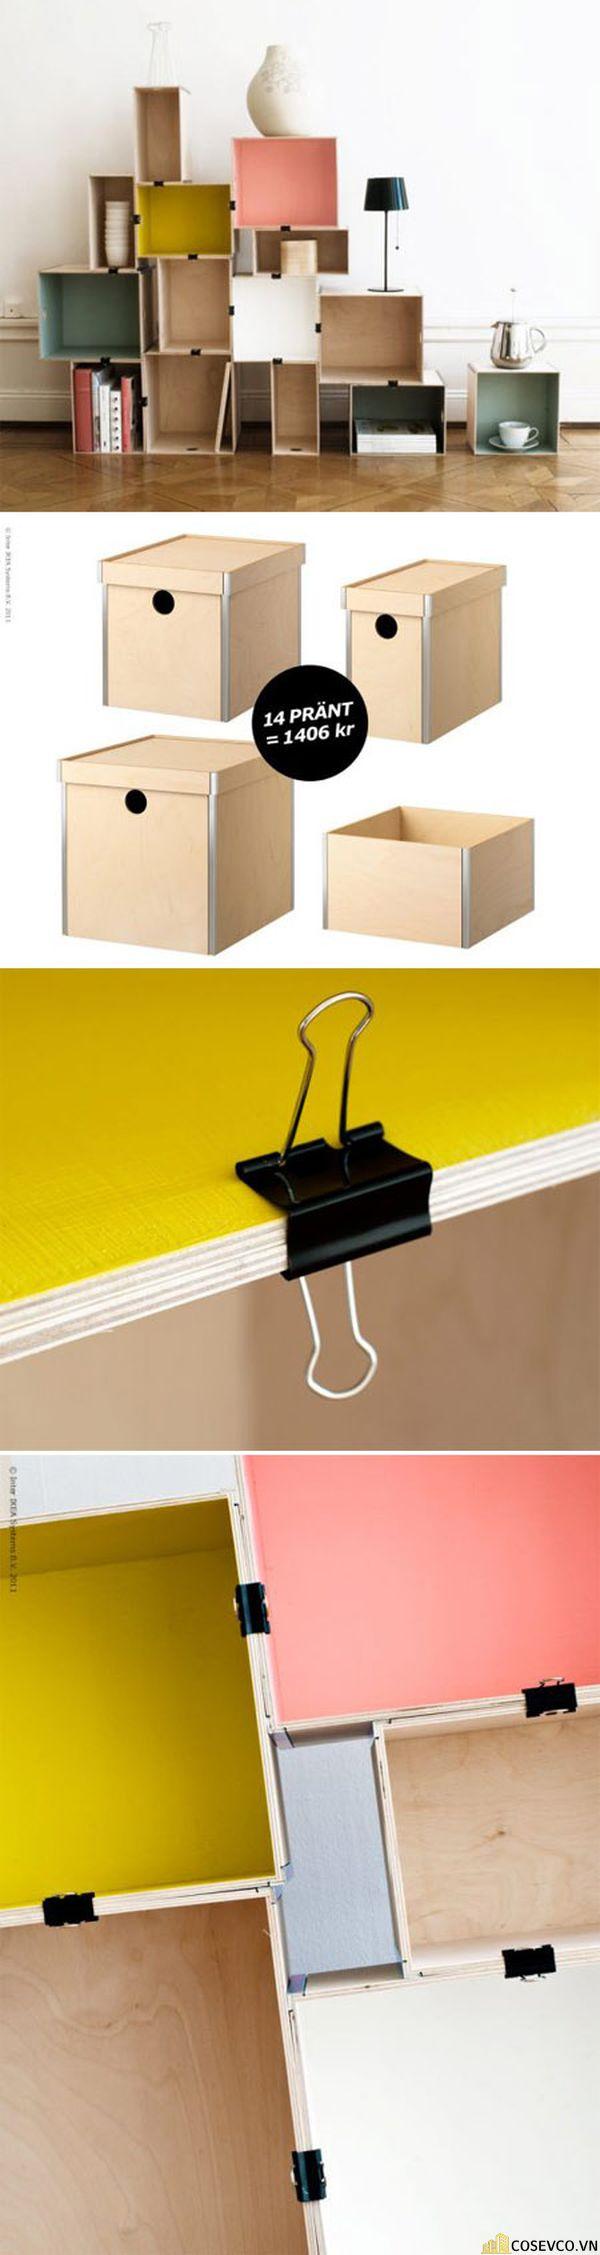 Cách làm kệ sách bằng thùng giấy